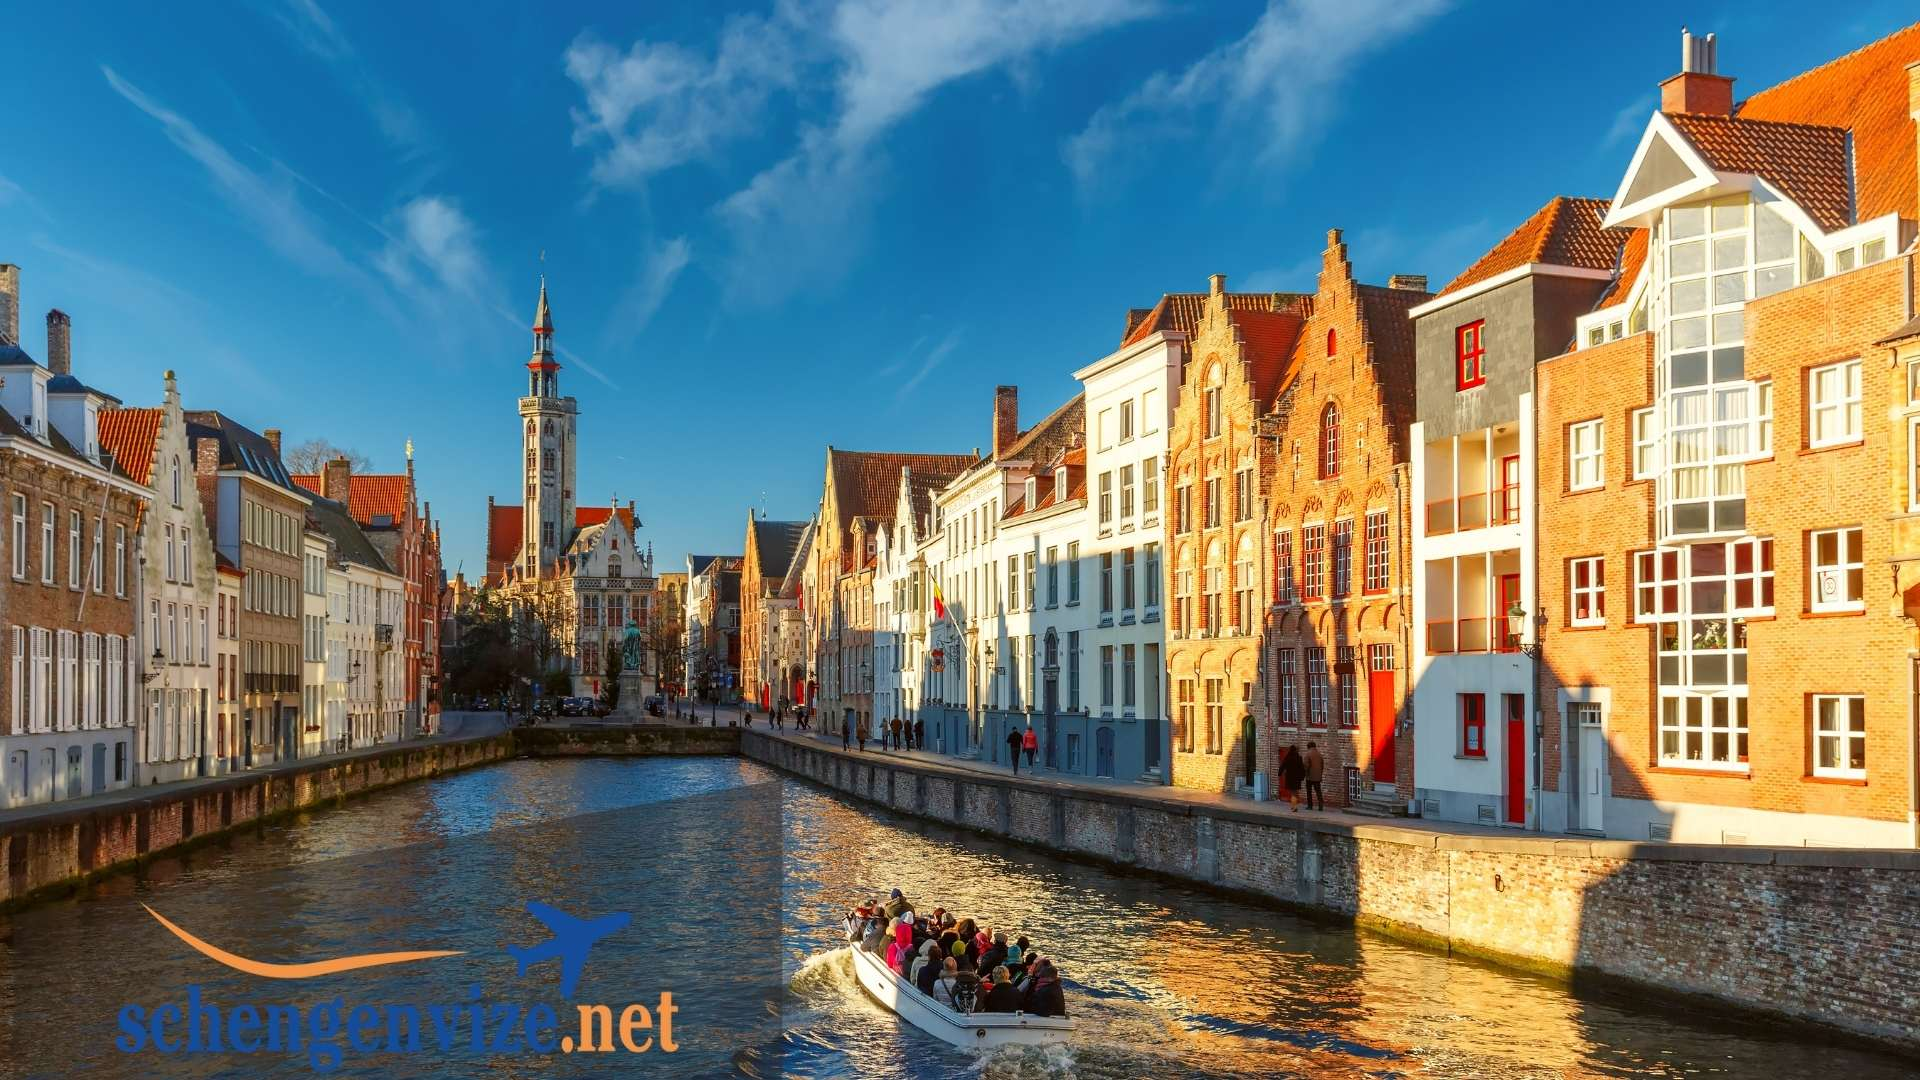 Belçika Vize Başvuru Formu Nasıl Doldurulur?